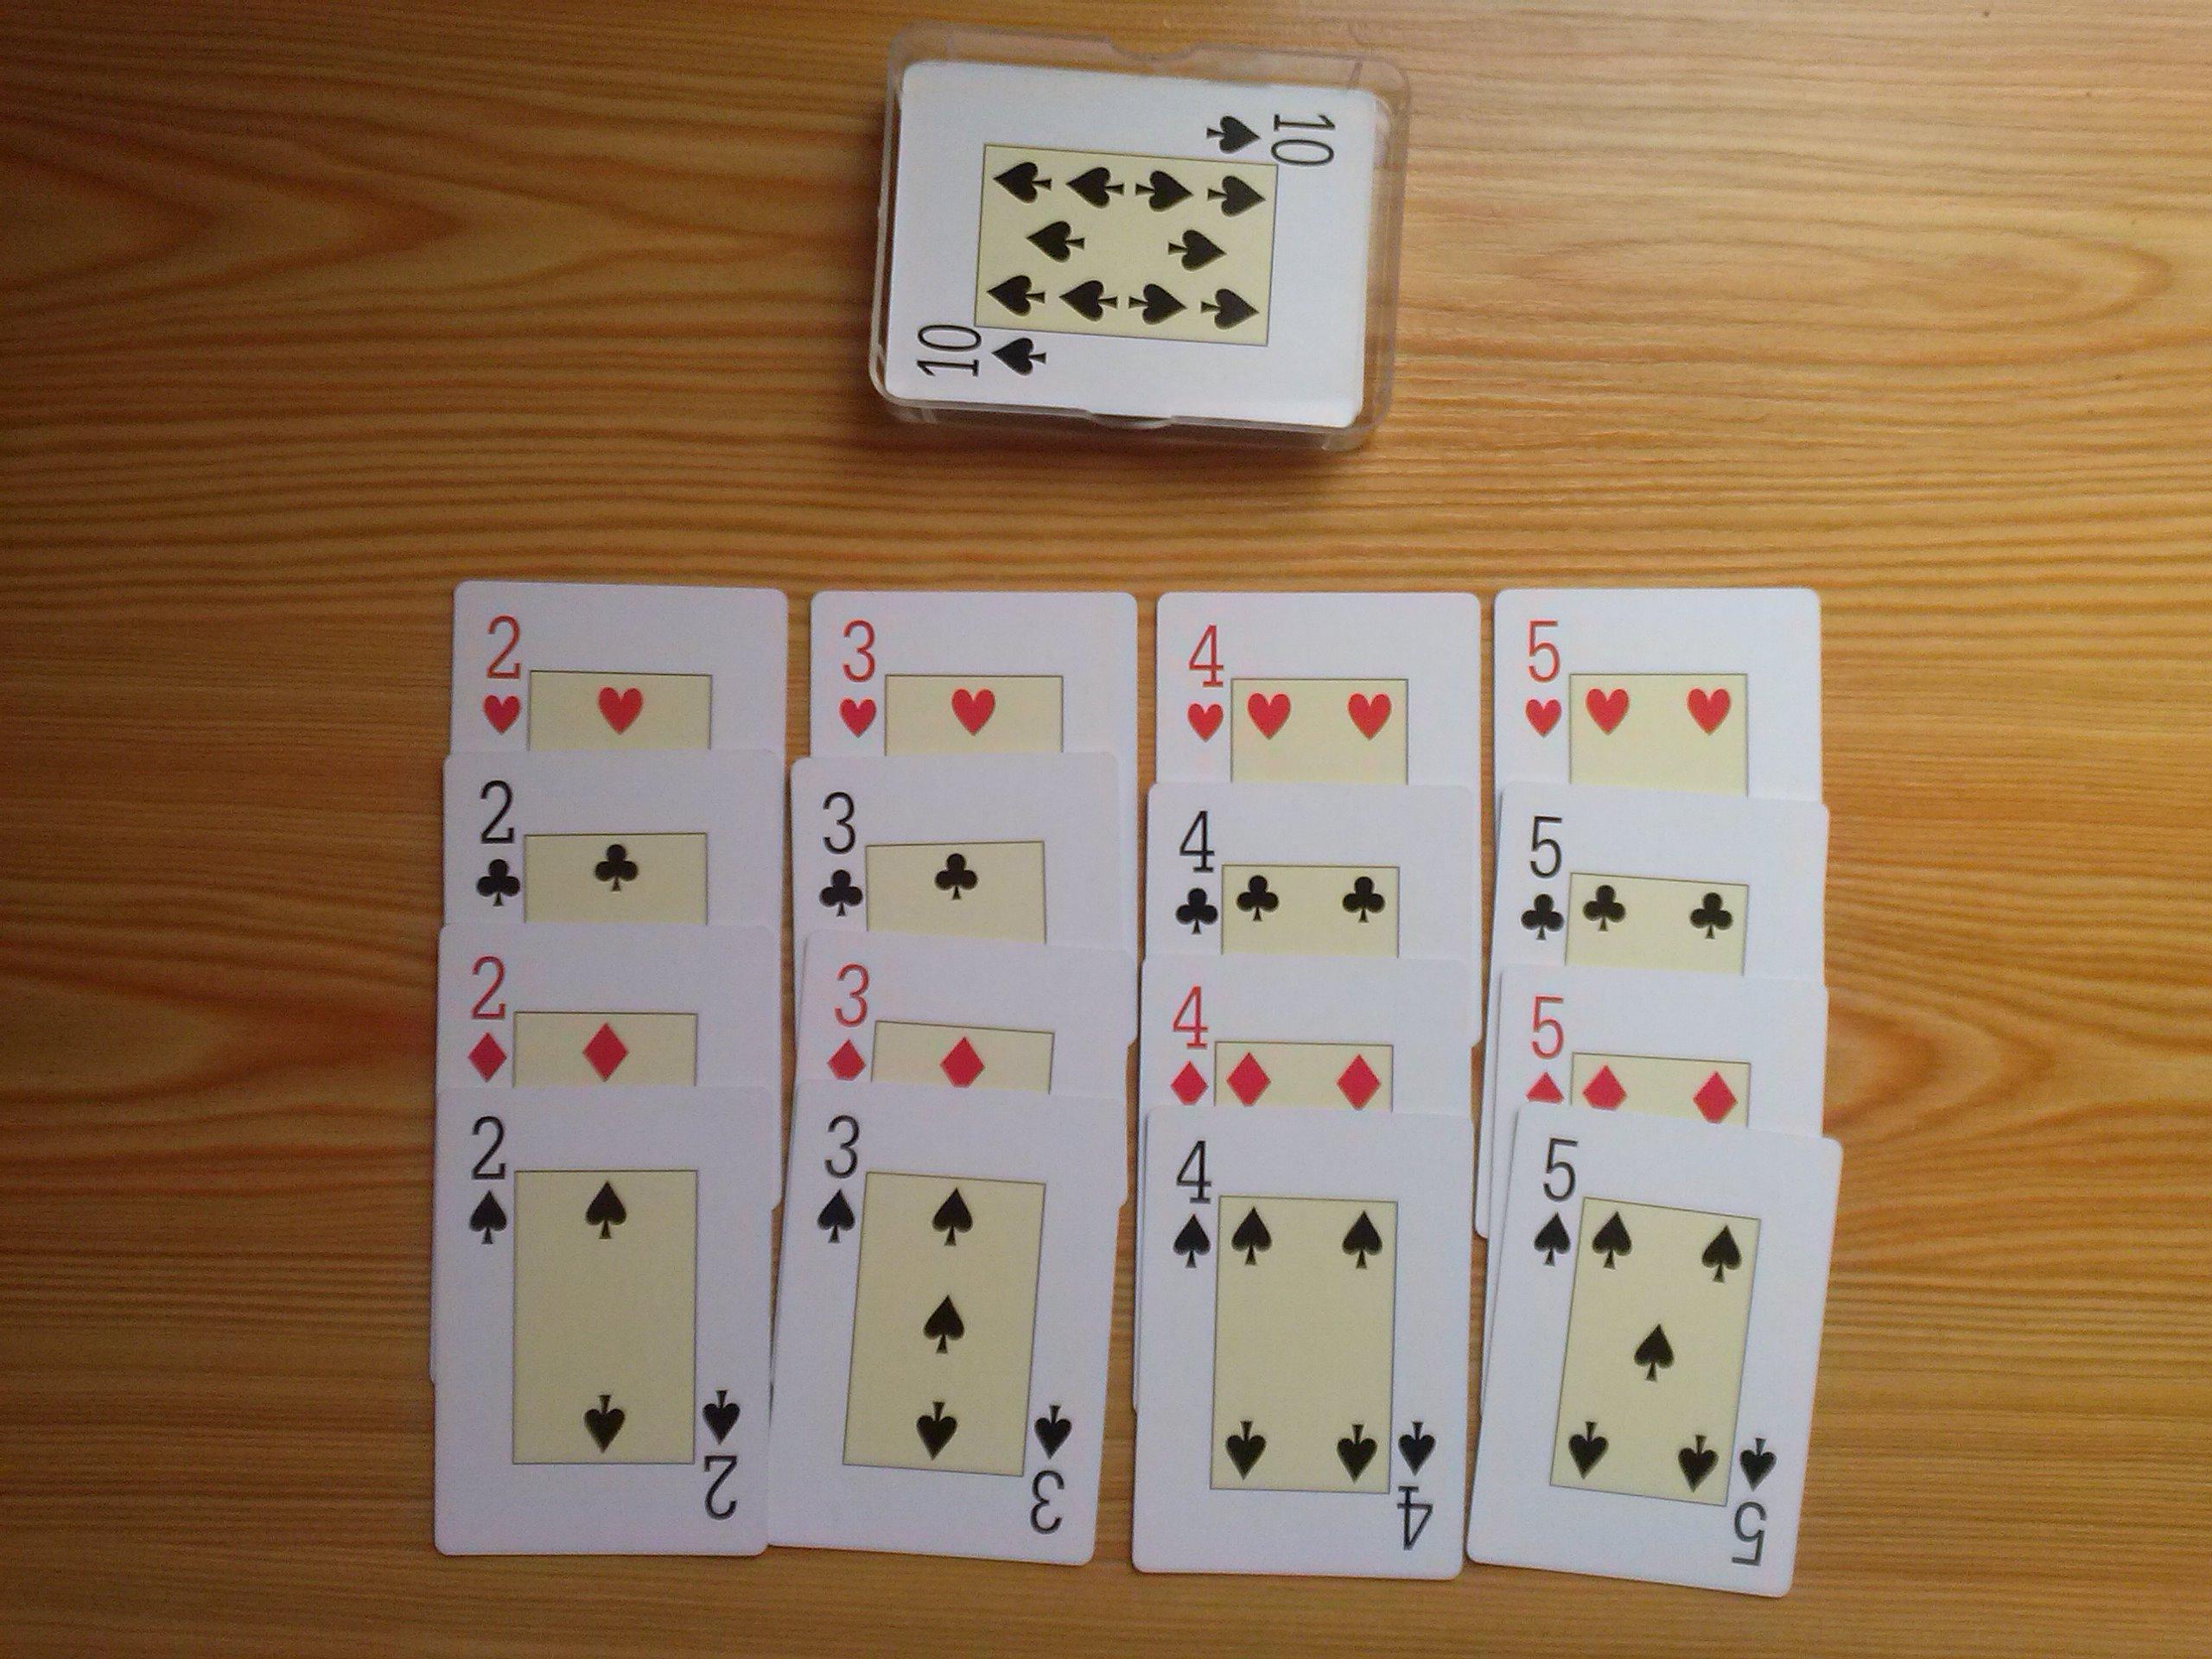 Los mejores 5 trucos de magia sencillos con cartas